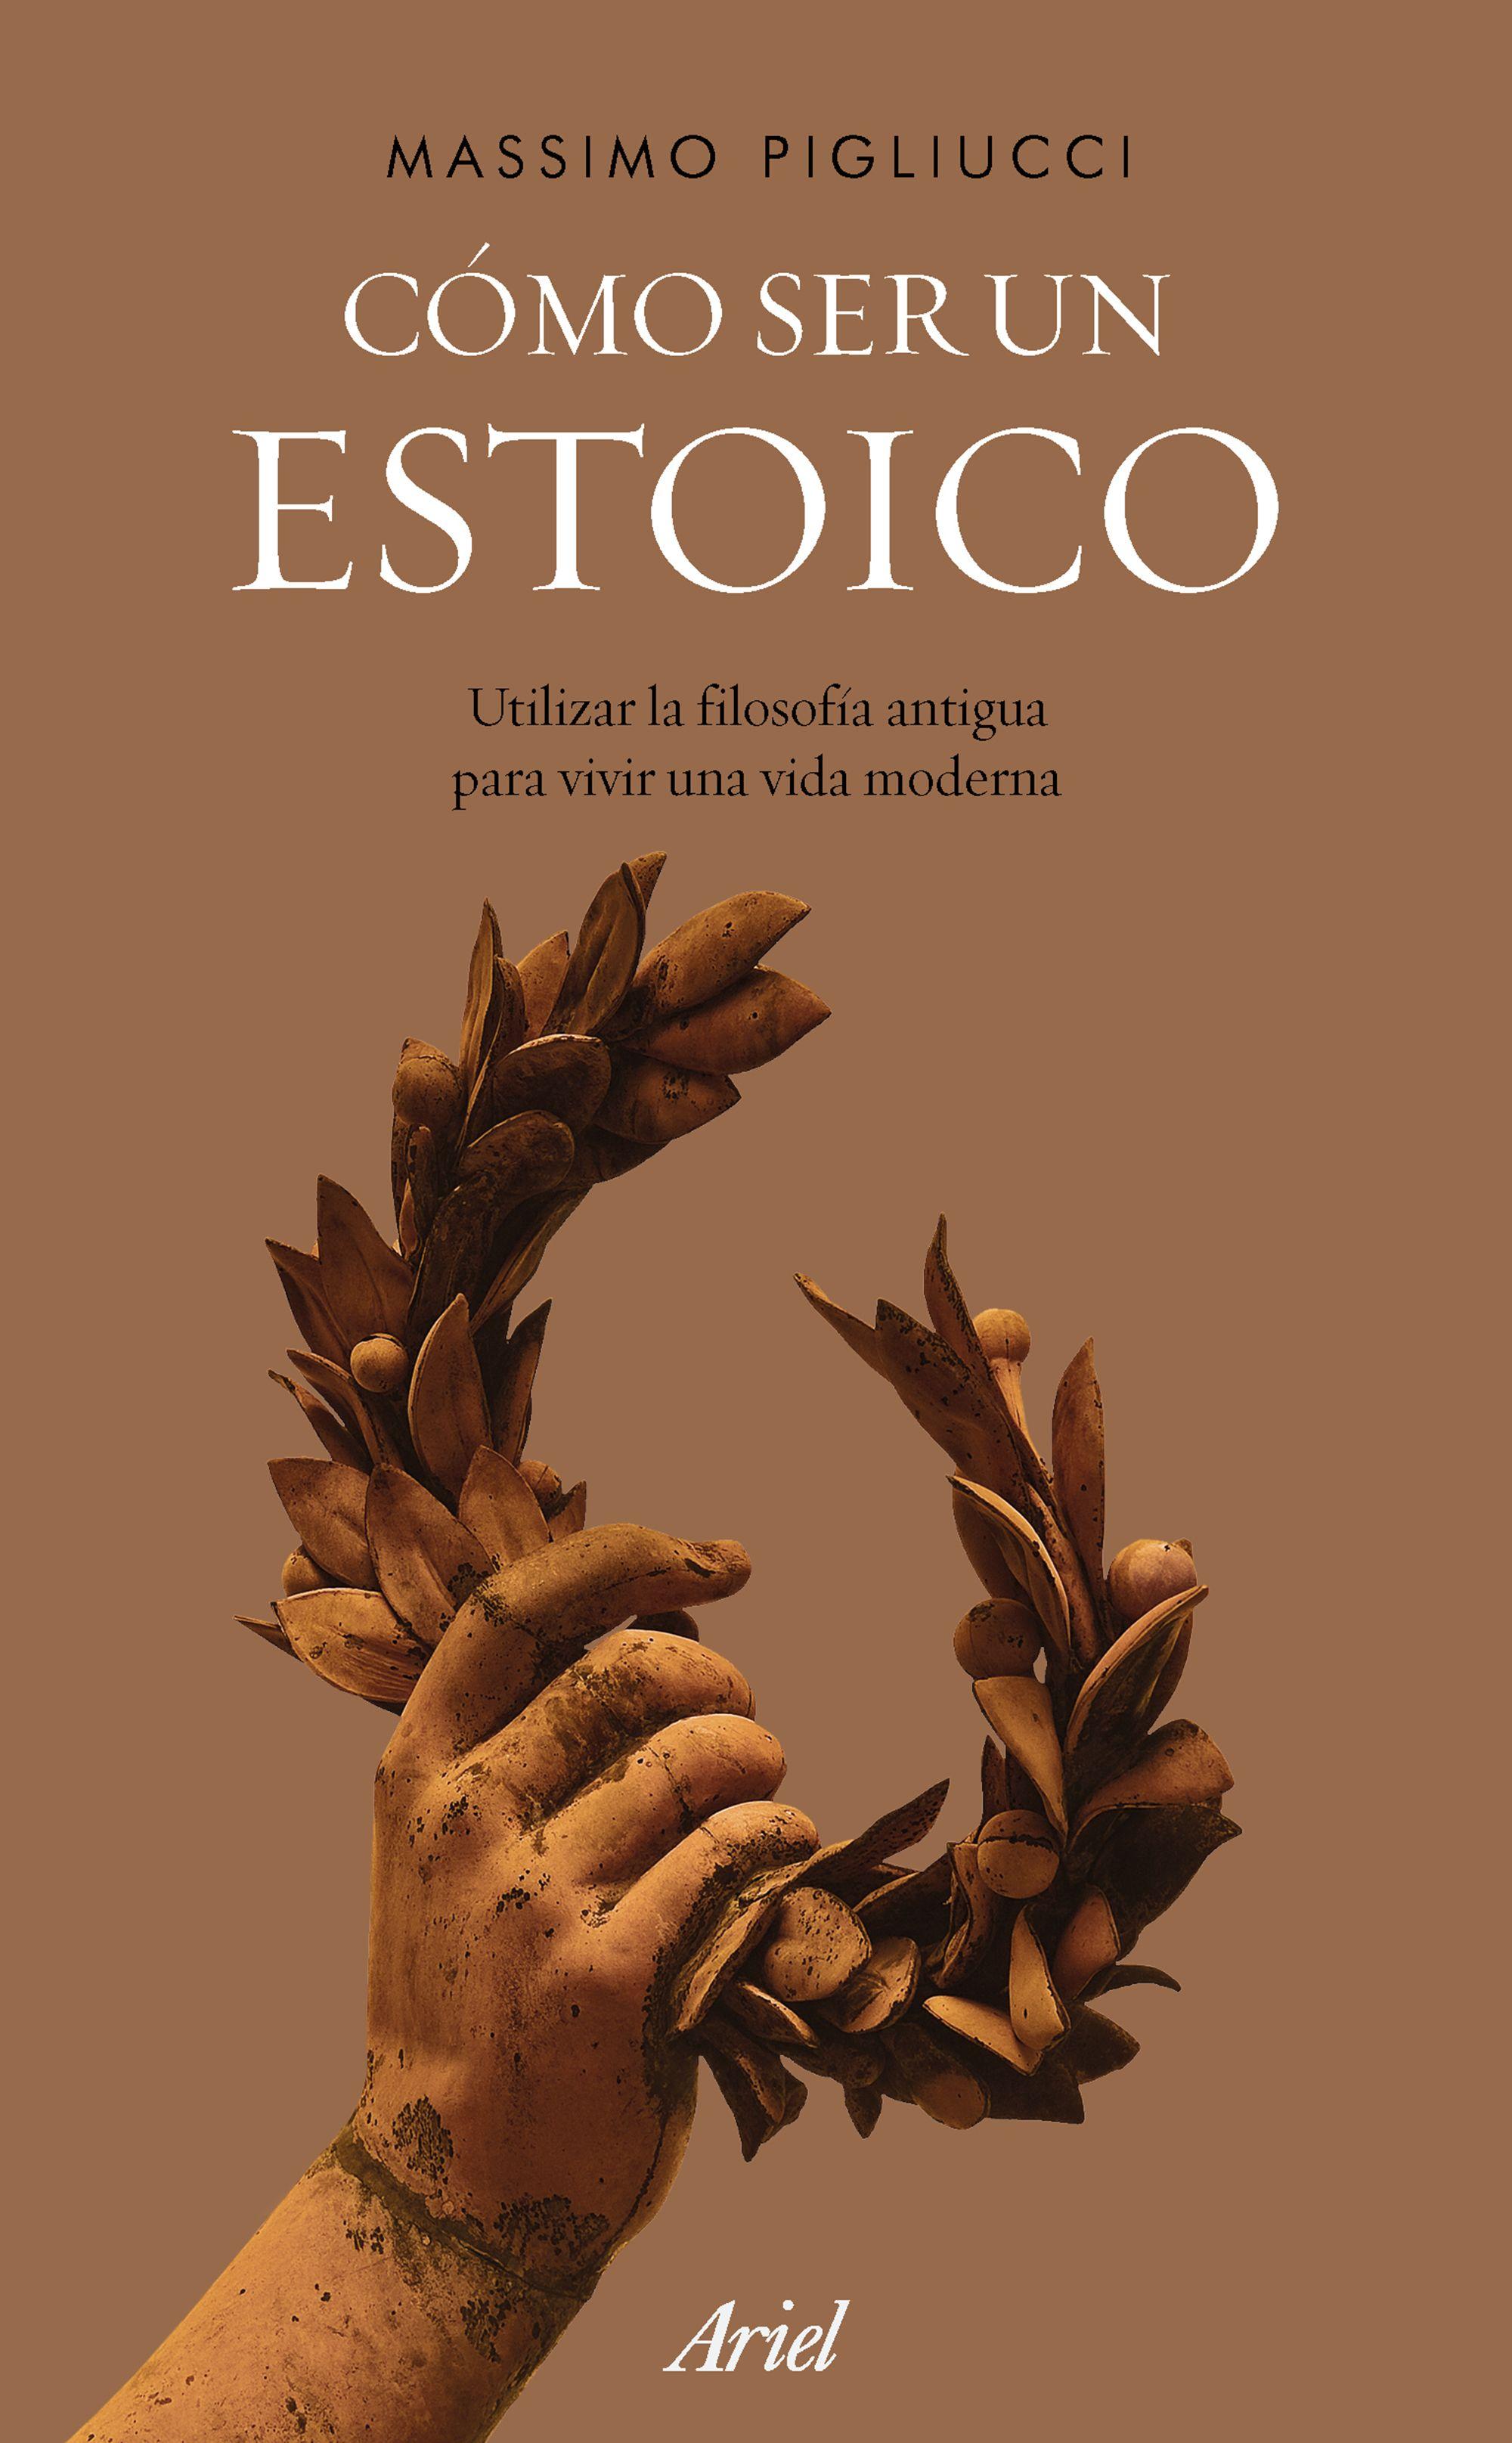 Cómo ser un estoico, de Massimo Pigliucci